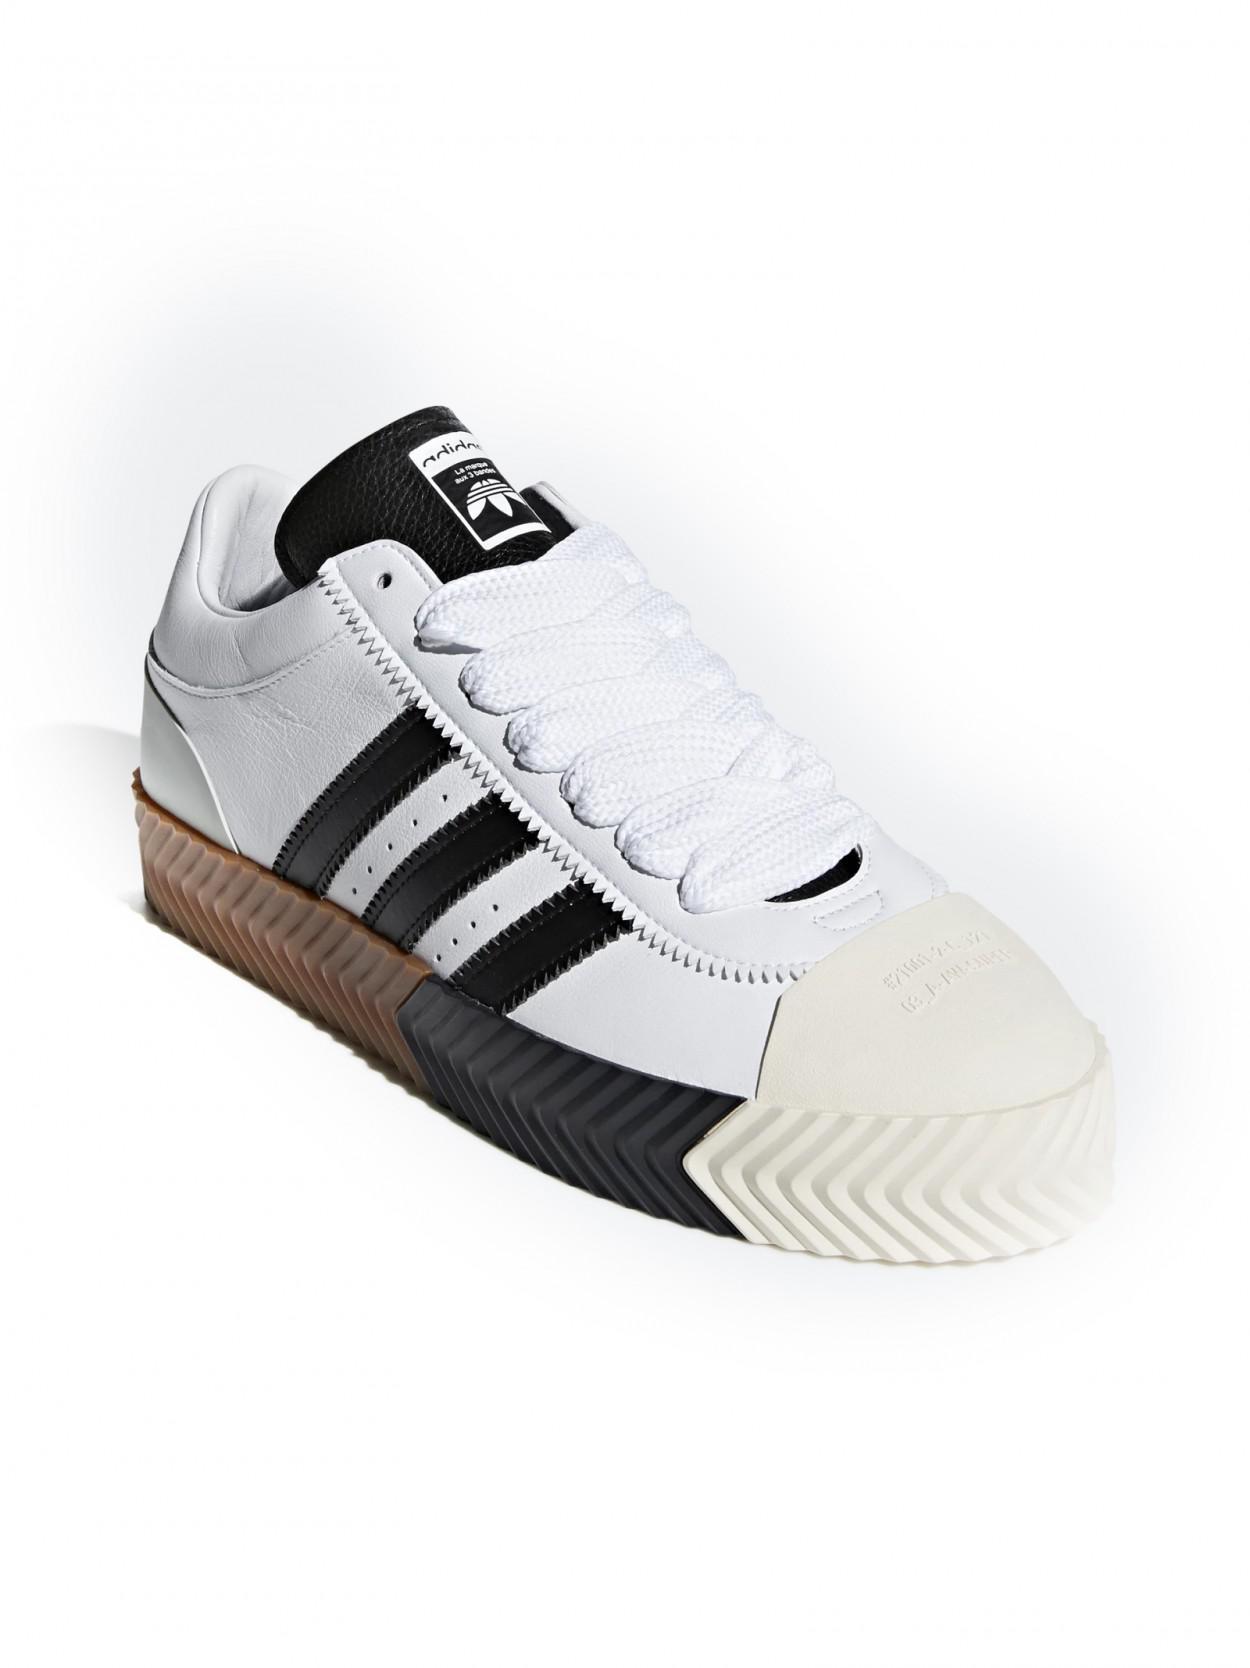 buy online 0b043 79d1f Lyst - Alexander Wang Skate Super Sneaker in White